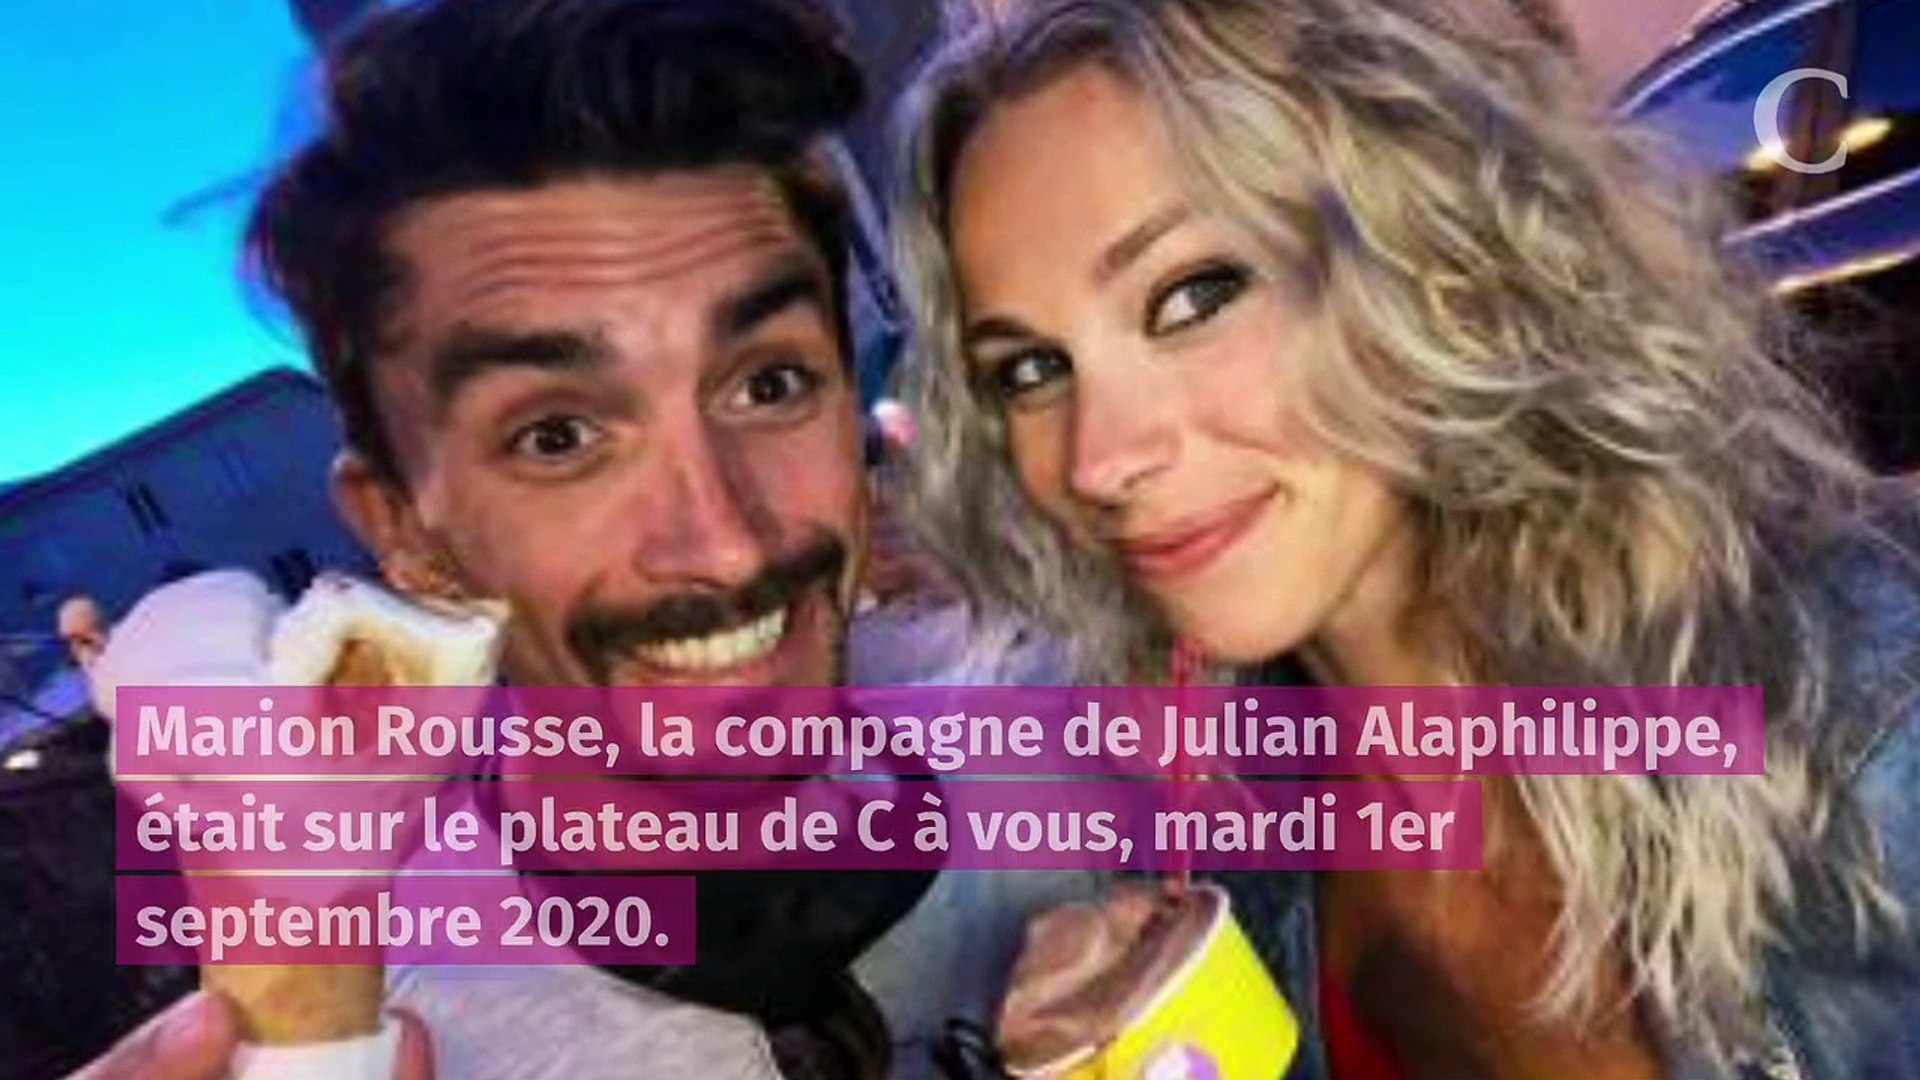 Les Rares Confidences De Marion Rousse Sur Julian Alaphilippe Il Donne Tellement D Amou Video Dailymotion